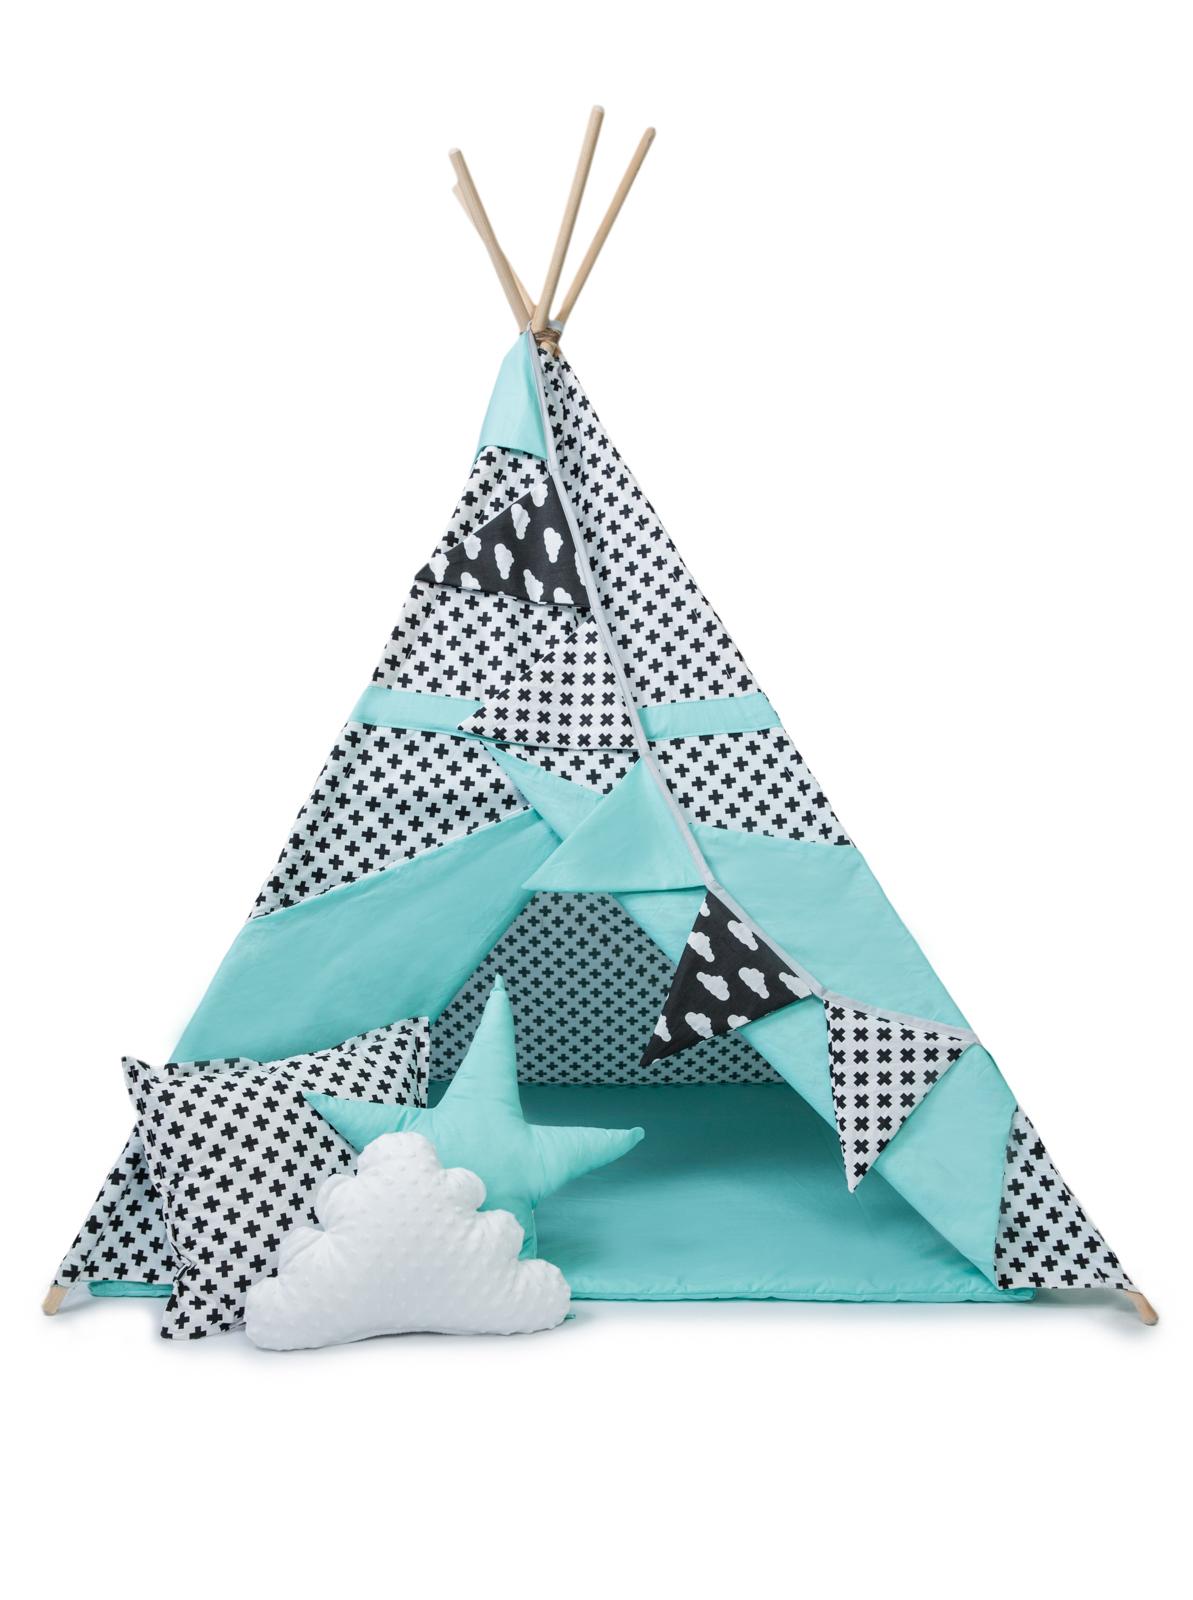 Dreamland* закрывается палатка tipi ВИГВАМ мега комплект